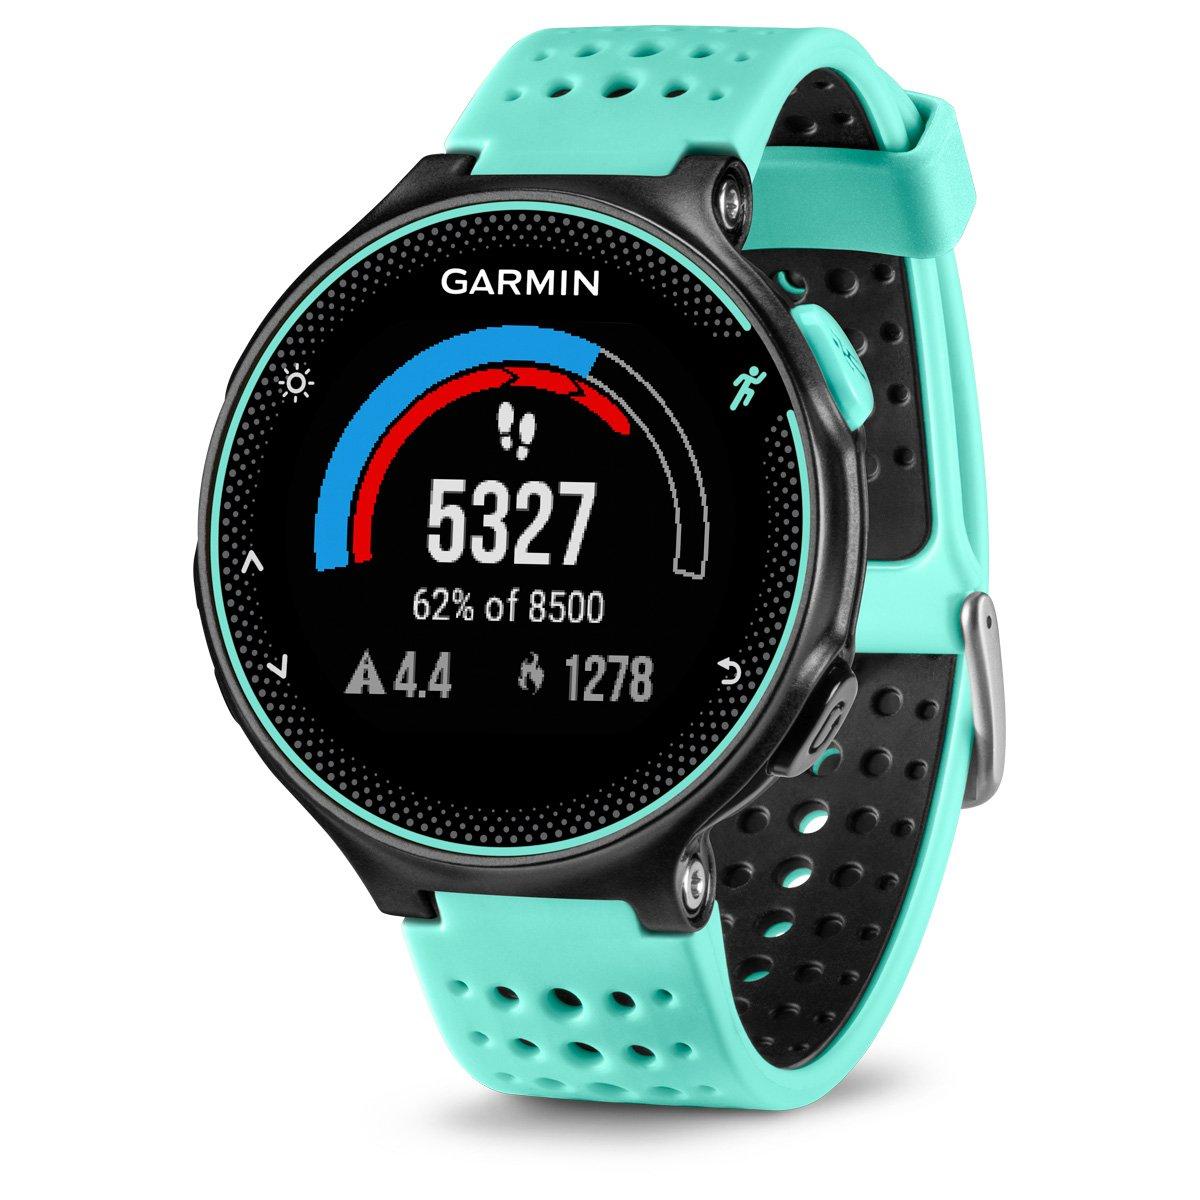 9bfdc534736 Relógio GPS c Monitor Cardíaco No Pulso Garmin Forerunner 235 - Compre  Agora